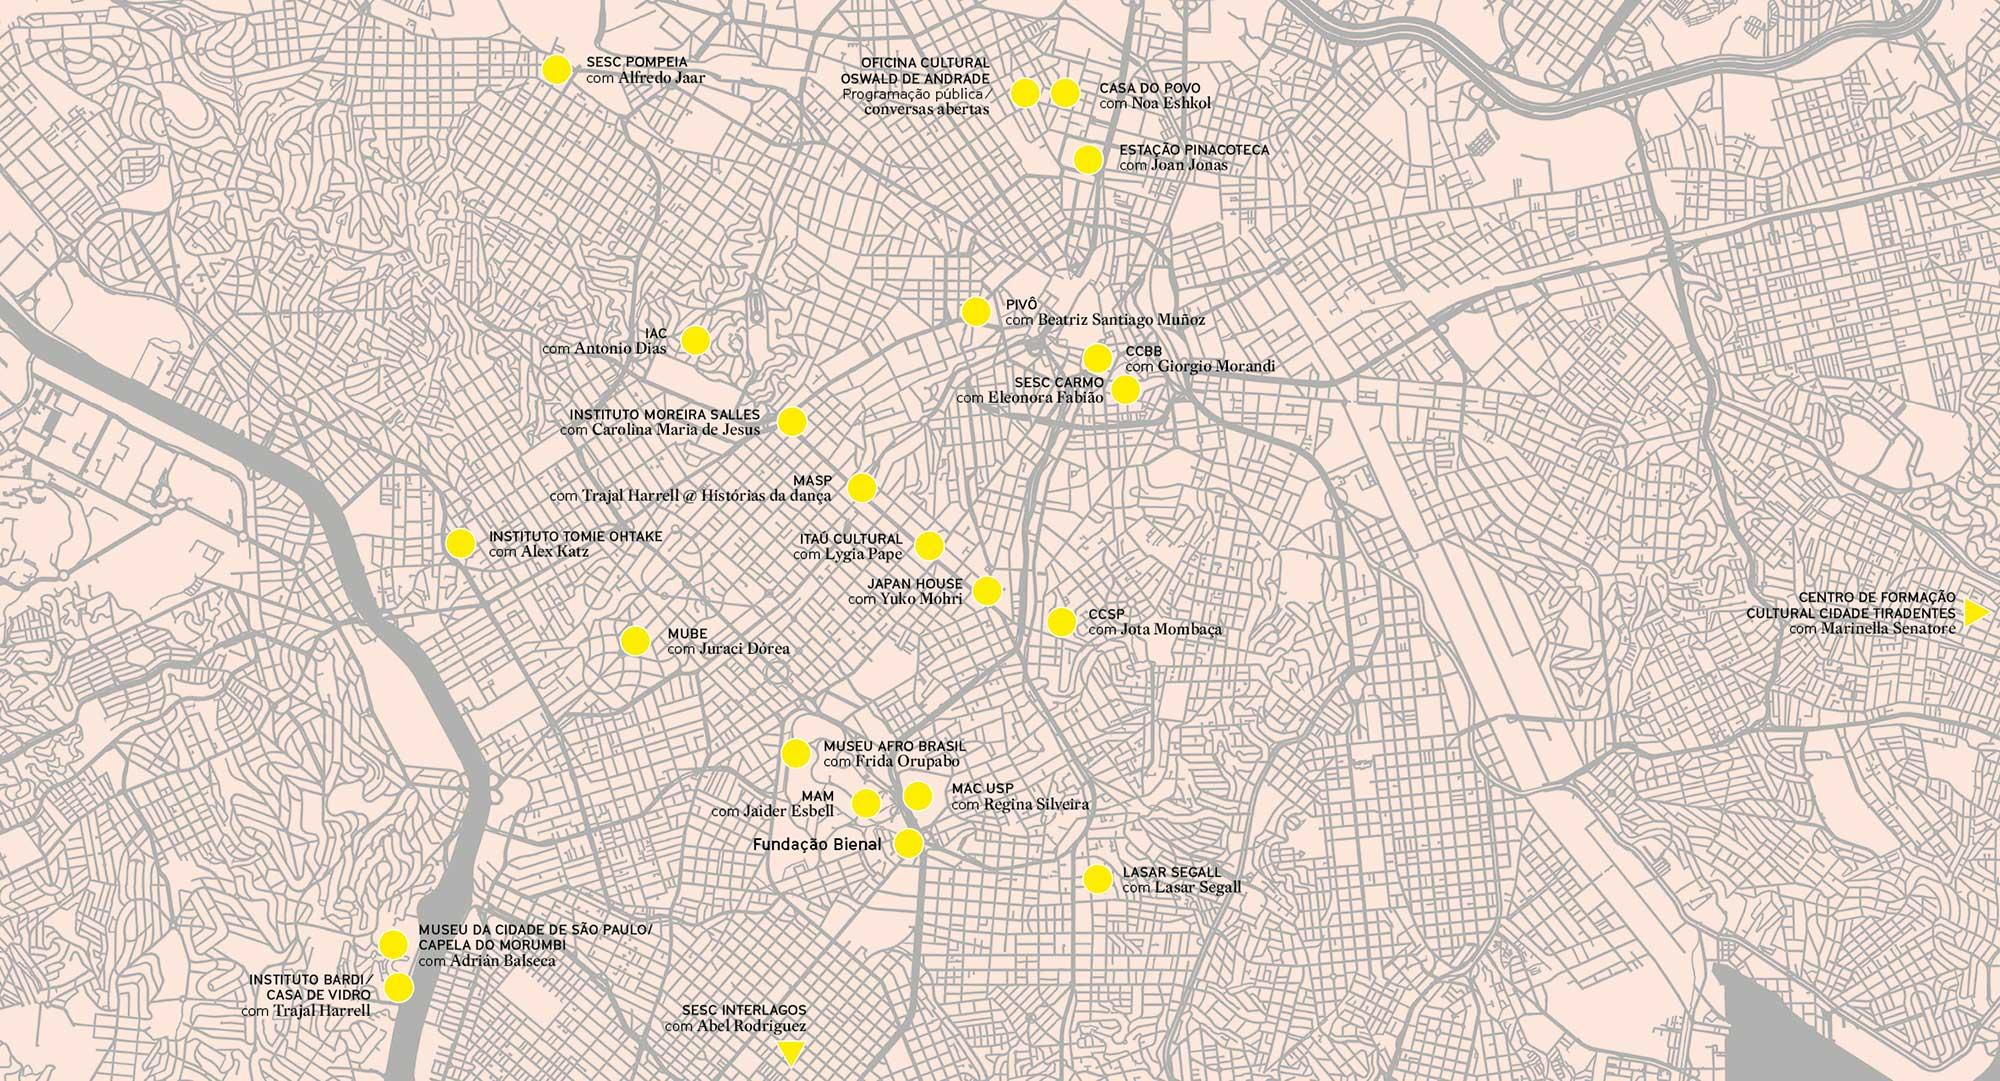 Divulgada a programação da 34ª Bienal com 25 instituições parceiras em São Paulo